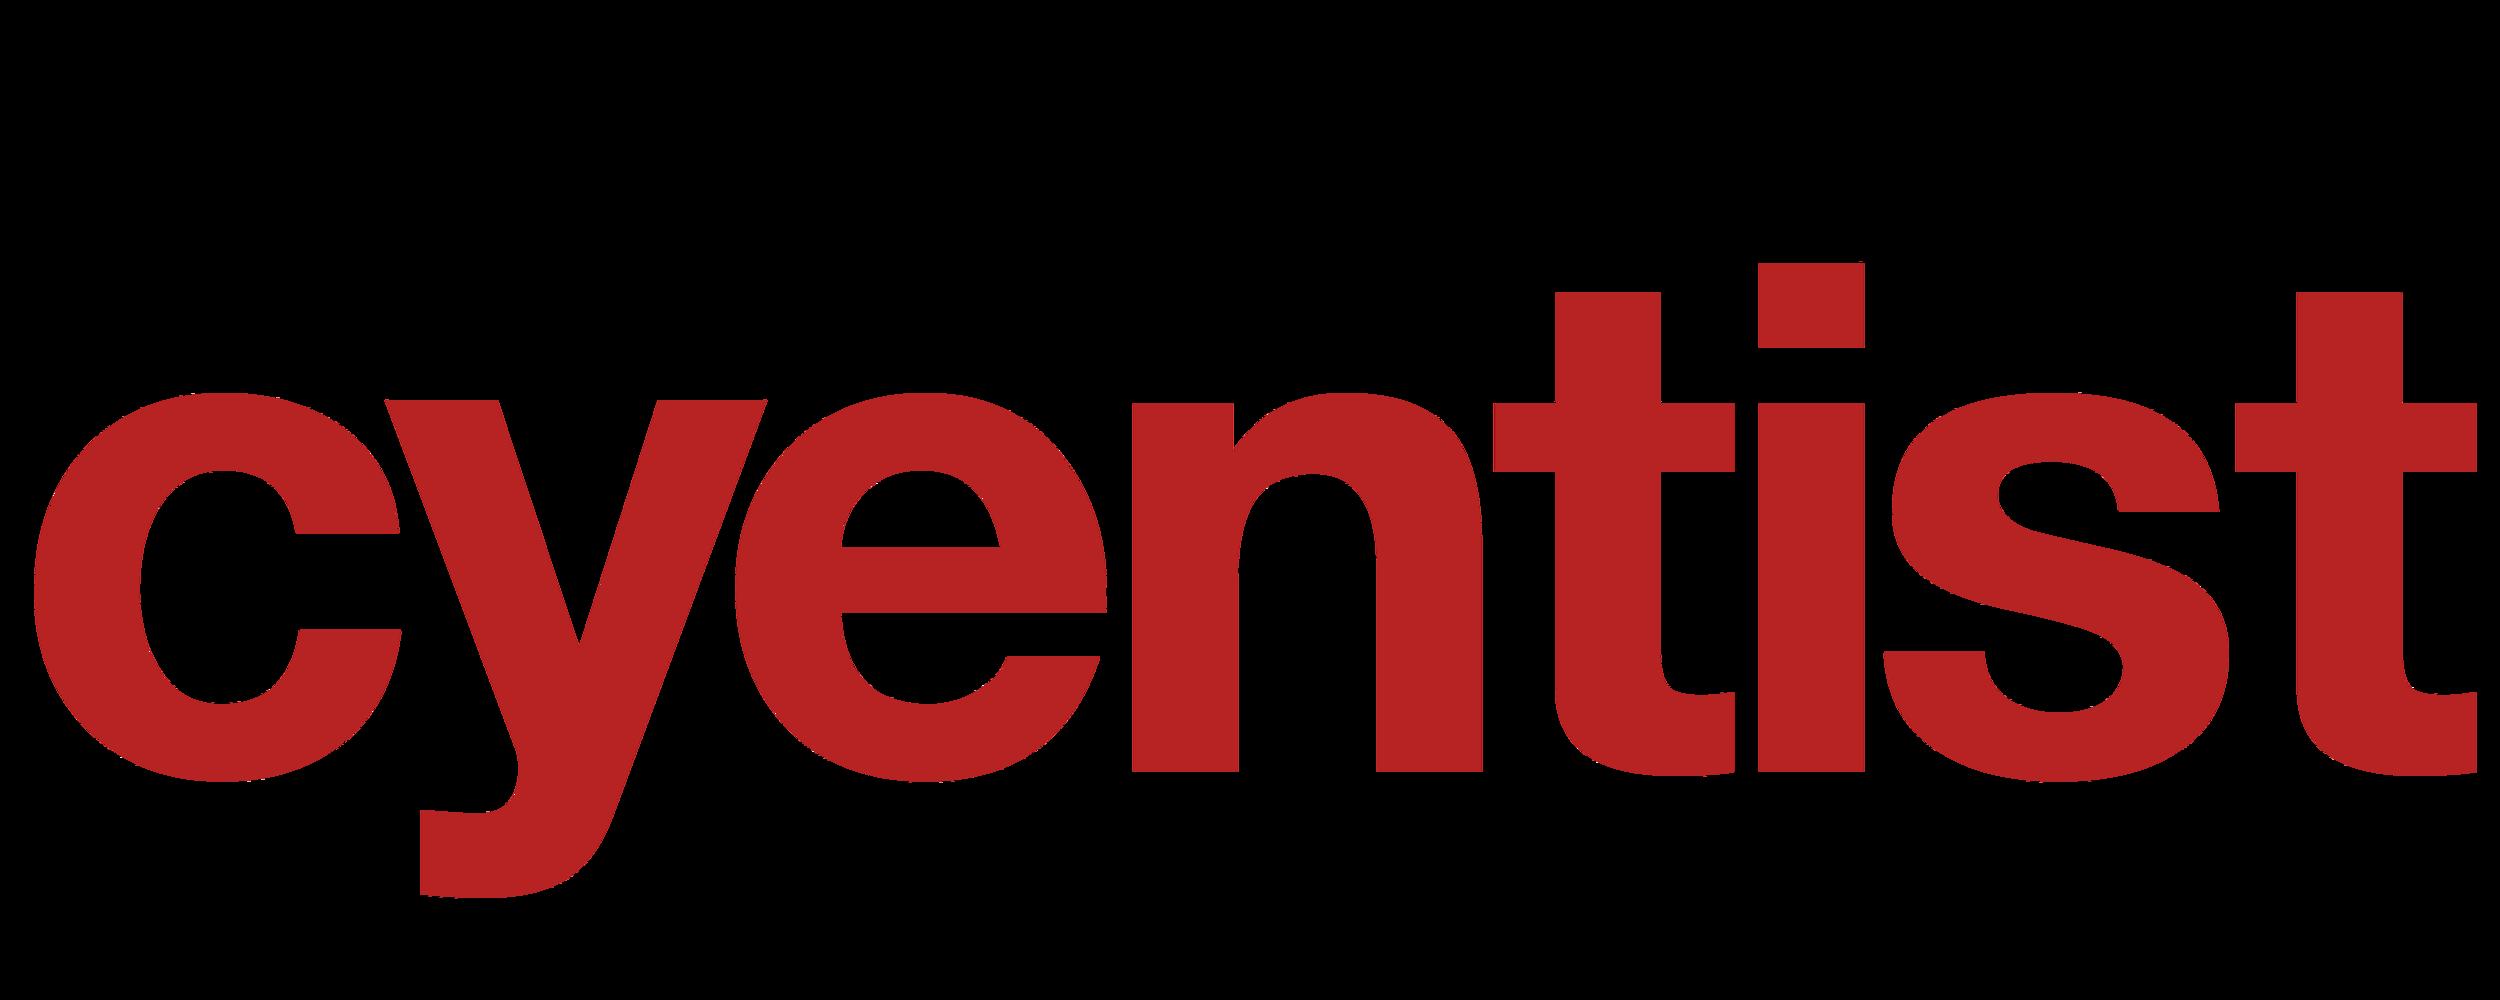 Cyentist Logo.png